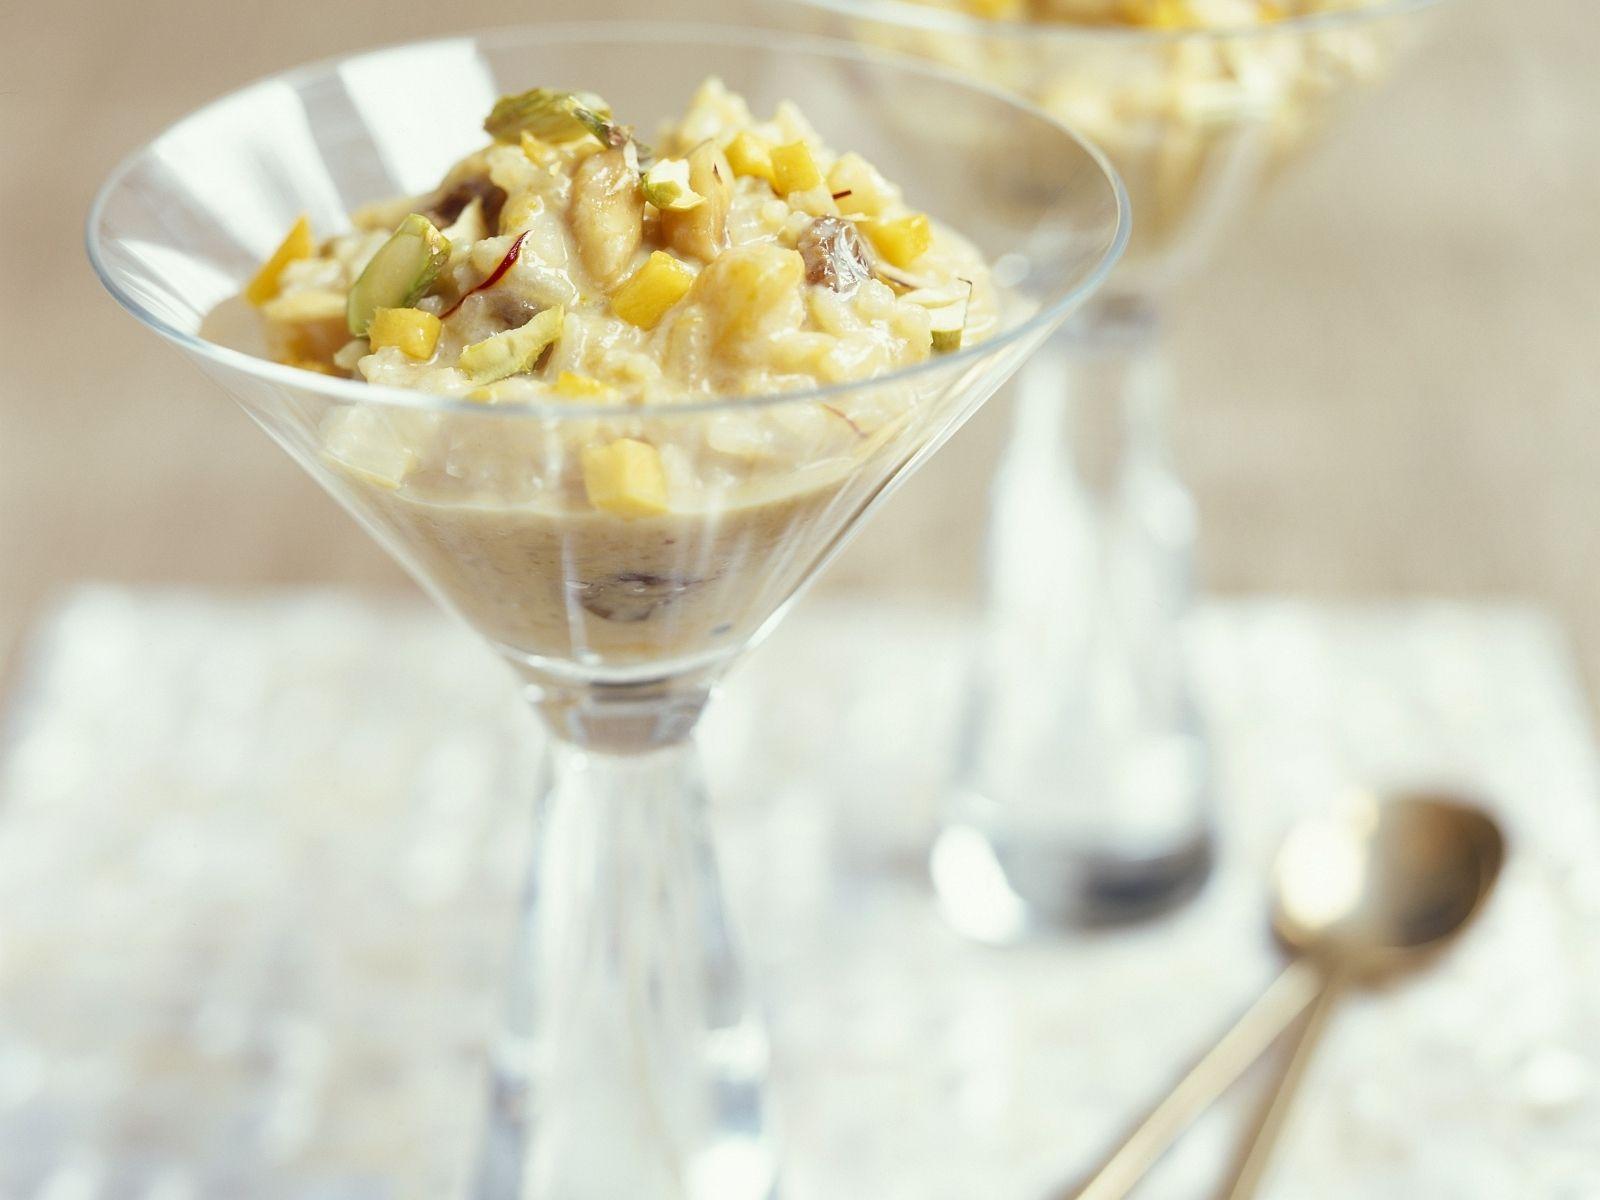 milchreis mit mango nach indischer art rezept milchreis rezepte pinterest einfacher. Black Bedroom Furniture Sets. Home Design Ideas